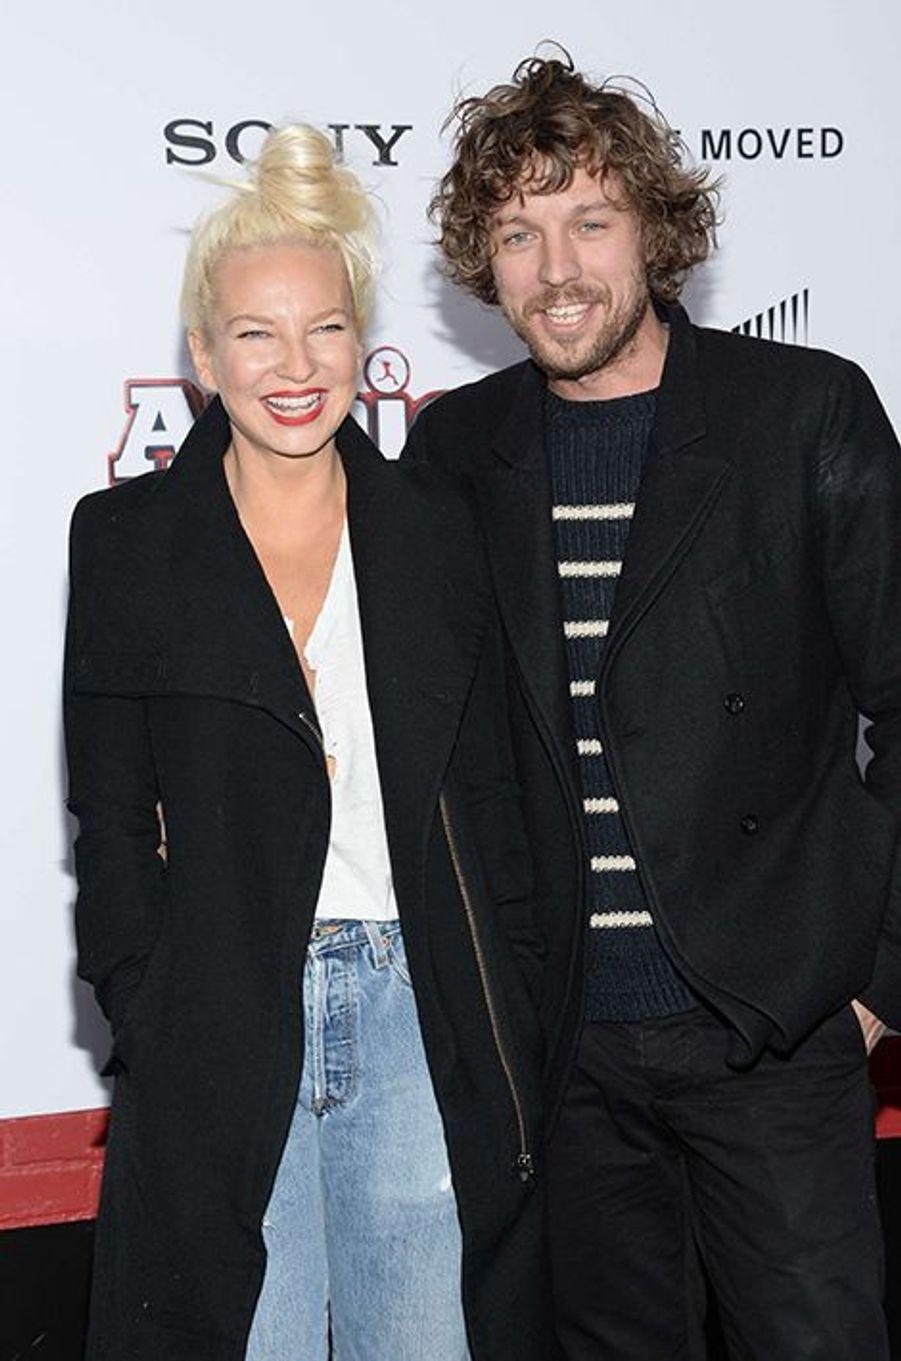 La chanteuse australienne s'est mariée le 2 août au réalisateur Erik Anders Lan à l'occasion d'une cérémonie intime organisée à Palm Springs, en Californie.